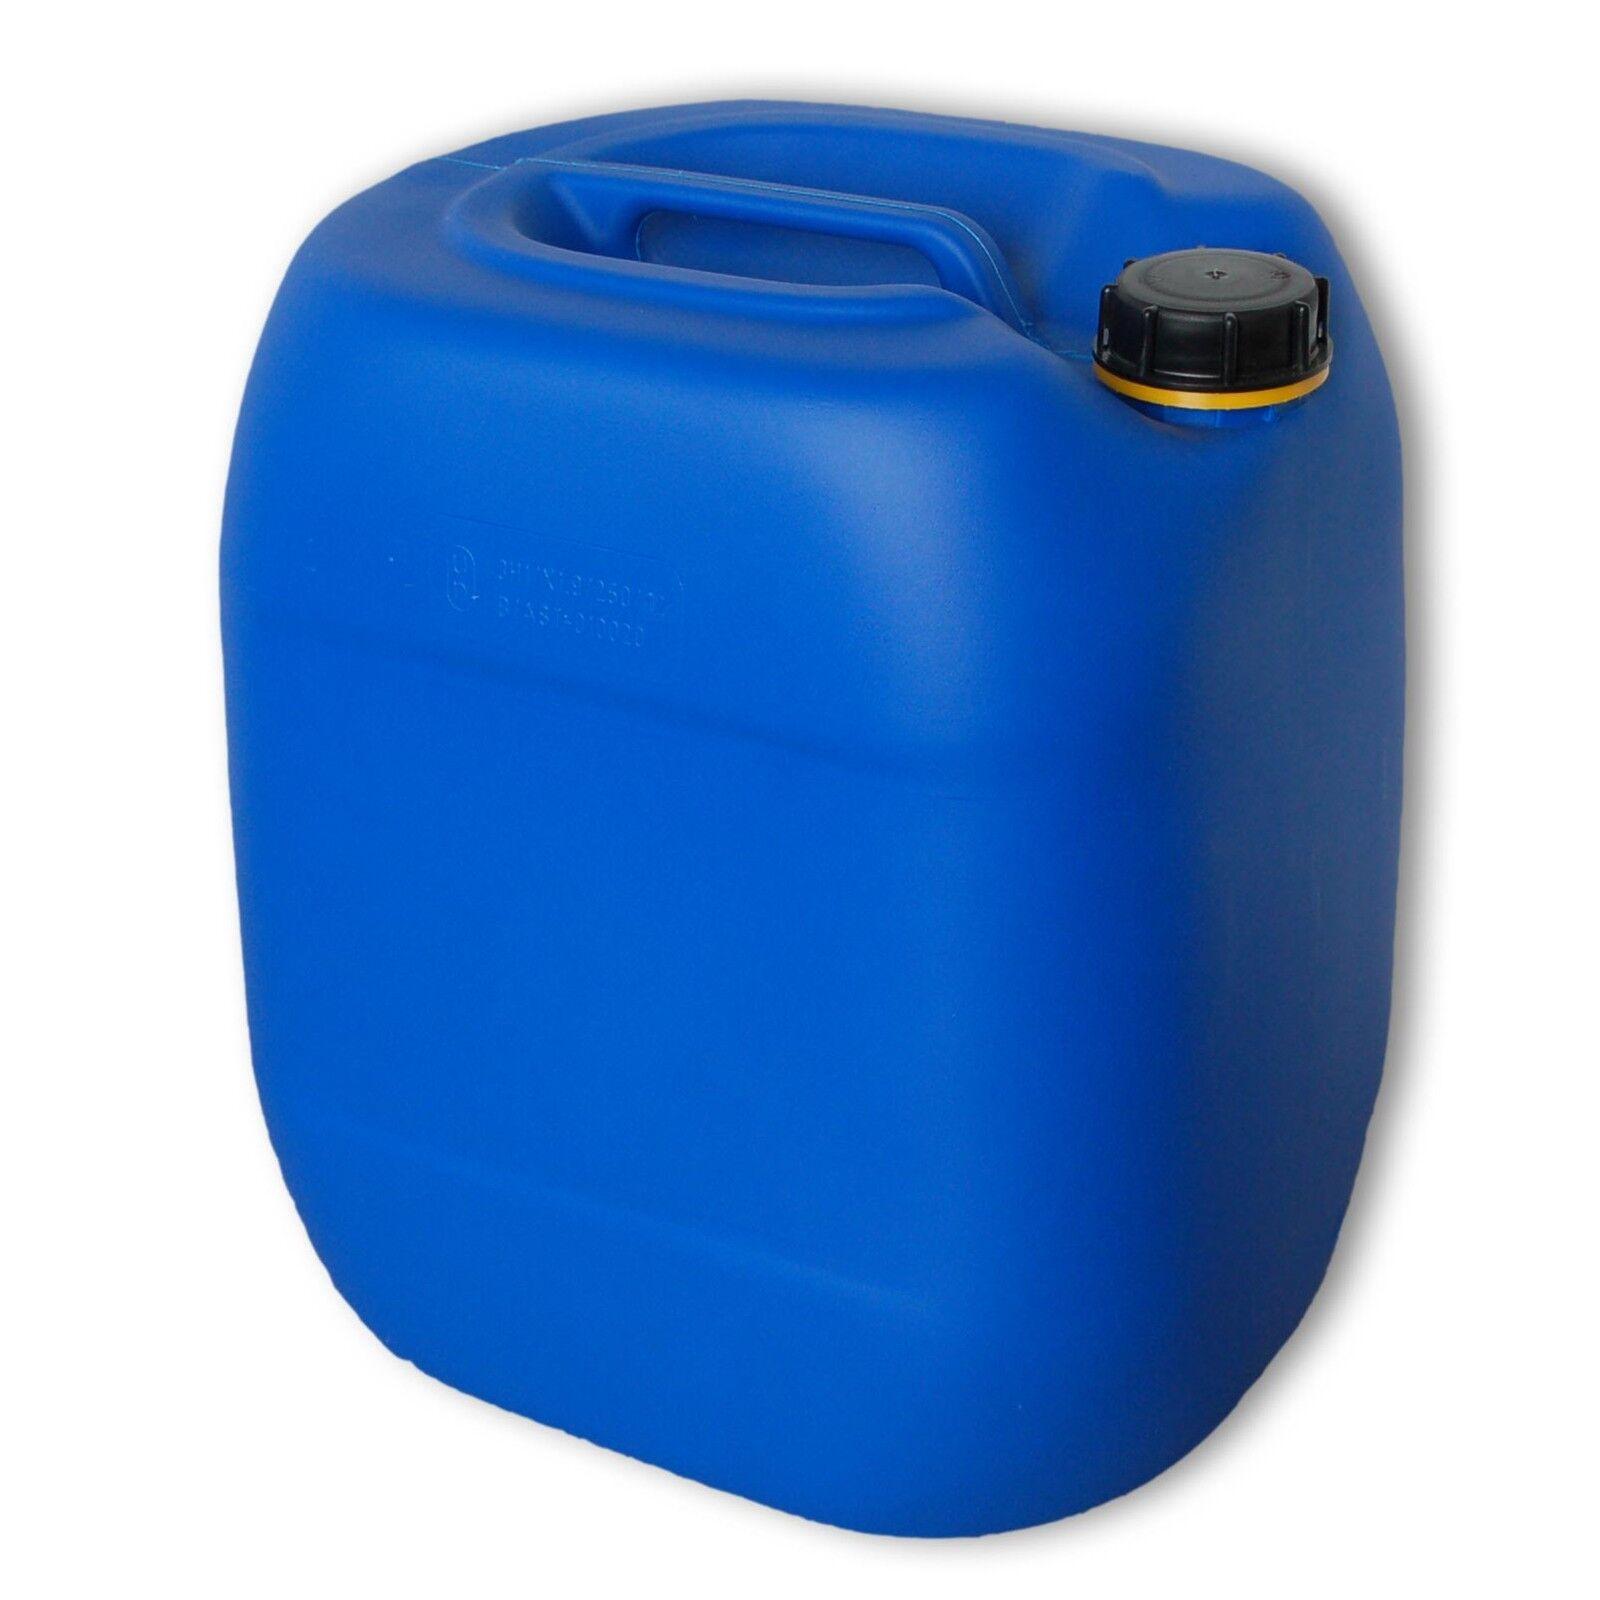 Bidon plastique 30 L, HDPE DIN 61 Bleu, HDPE L, alimentaire, fab. en Allemagne (22027) 901c41